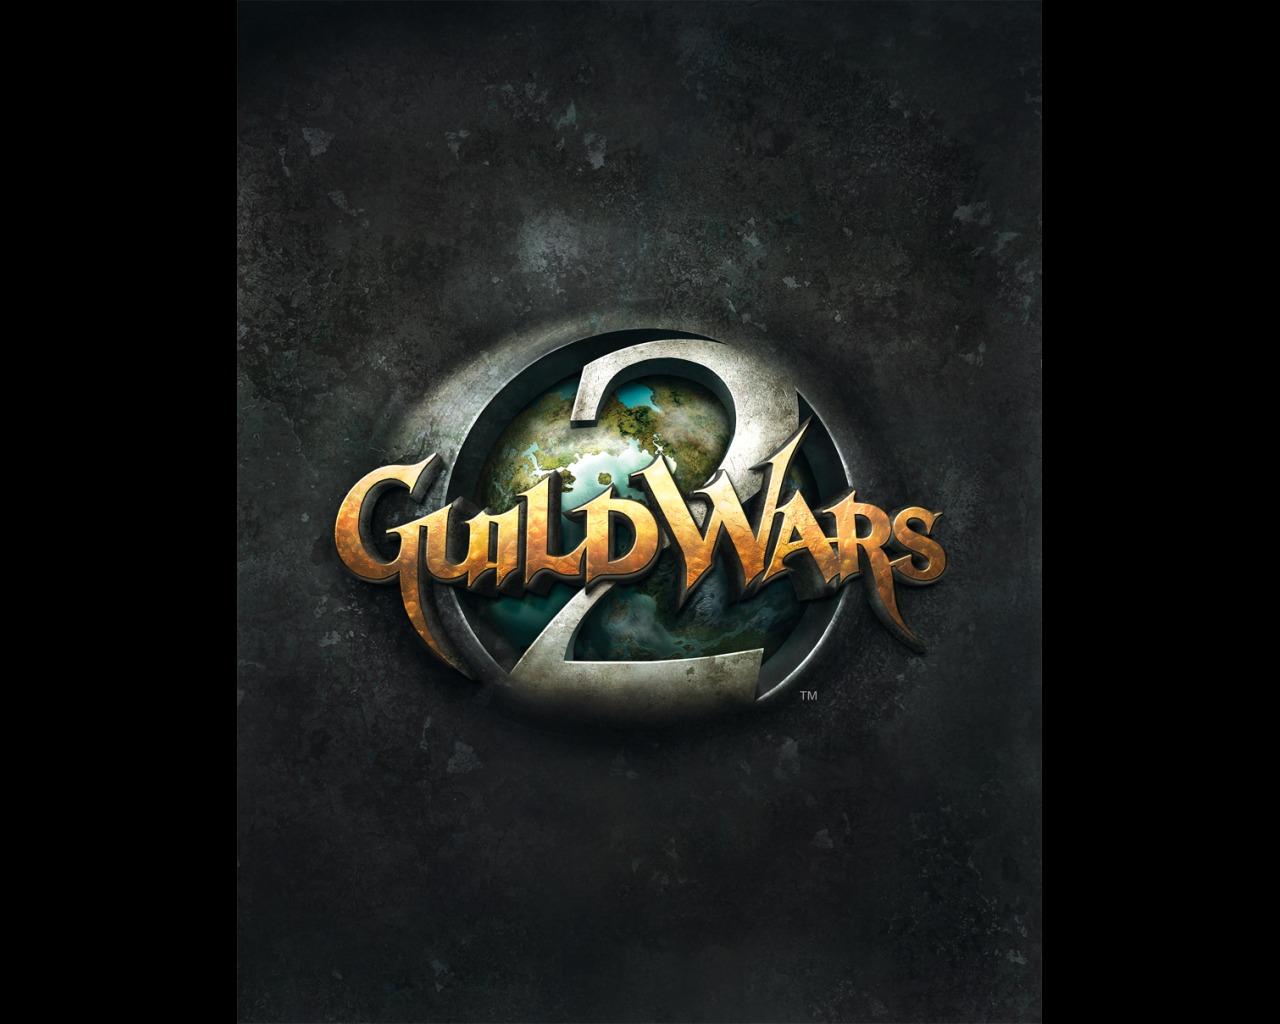 Cray. известно. Стало. что сиквел Guild Wars появится не раньше 2011